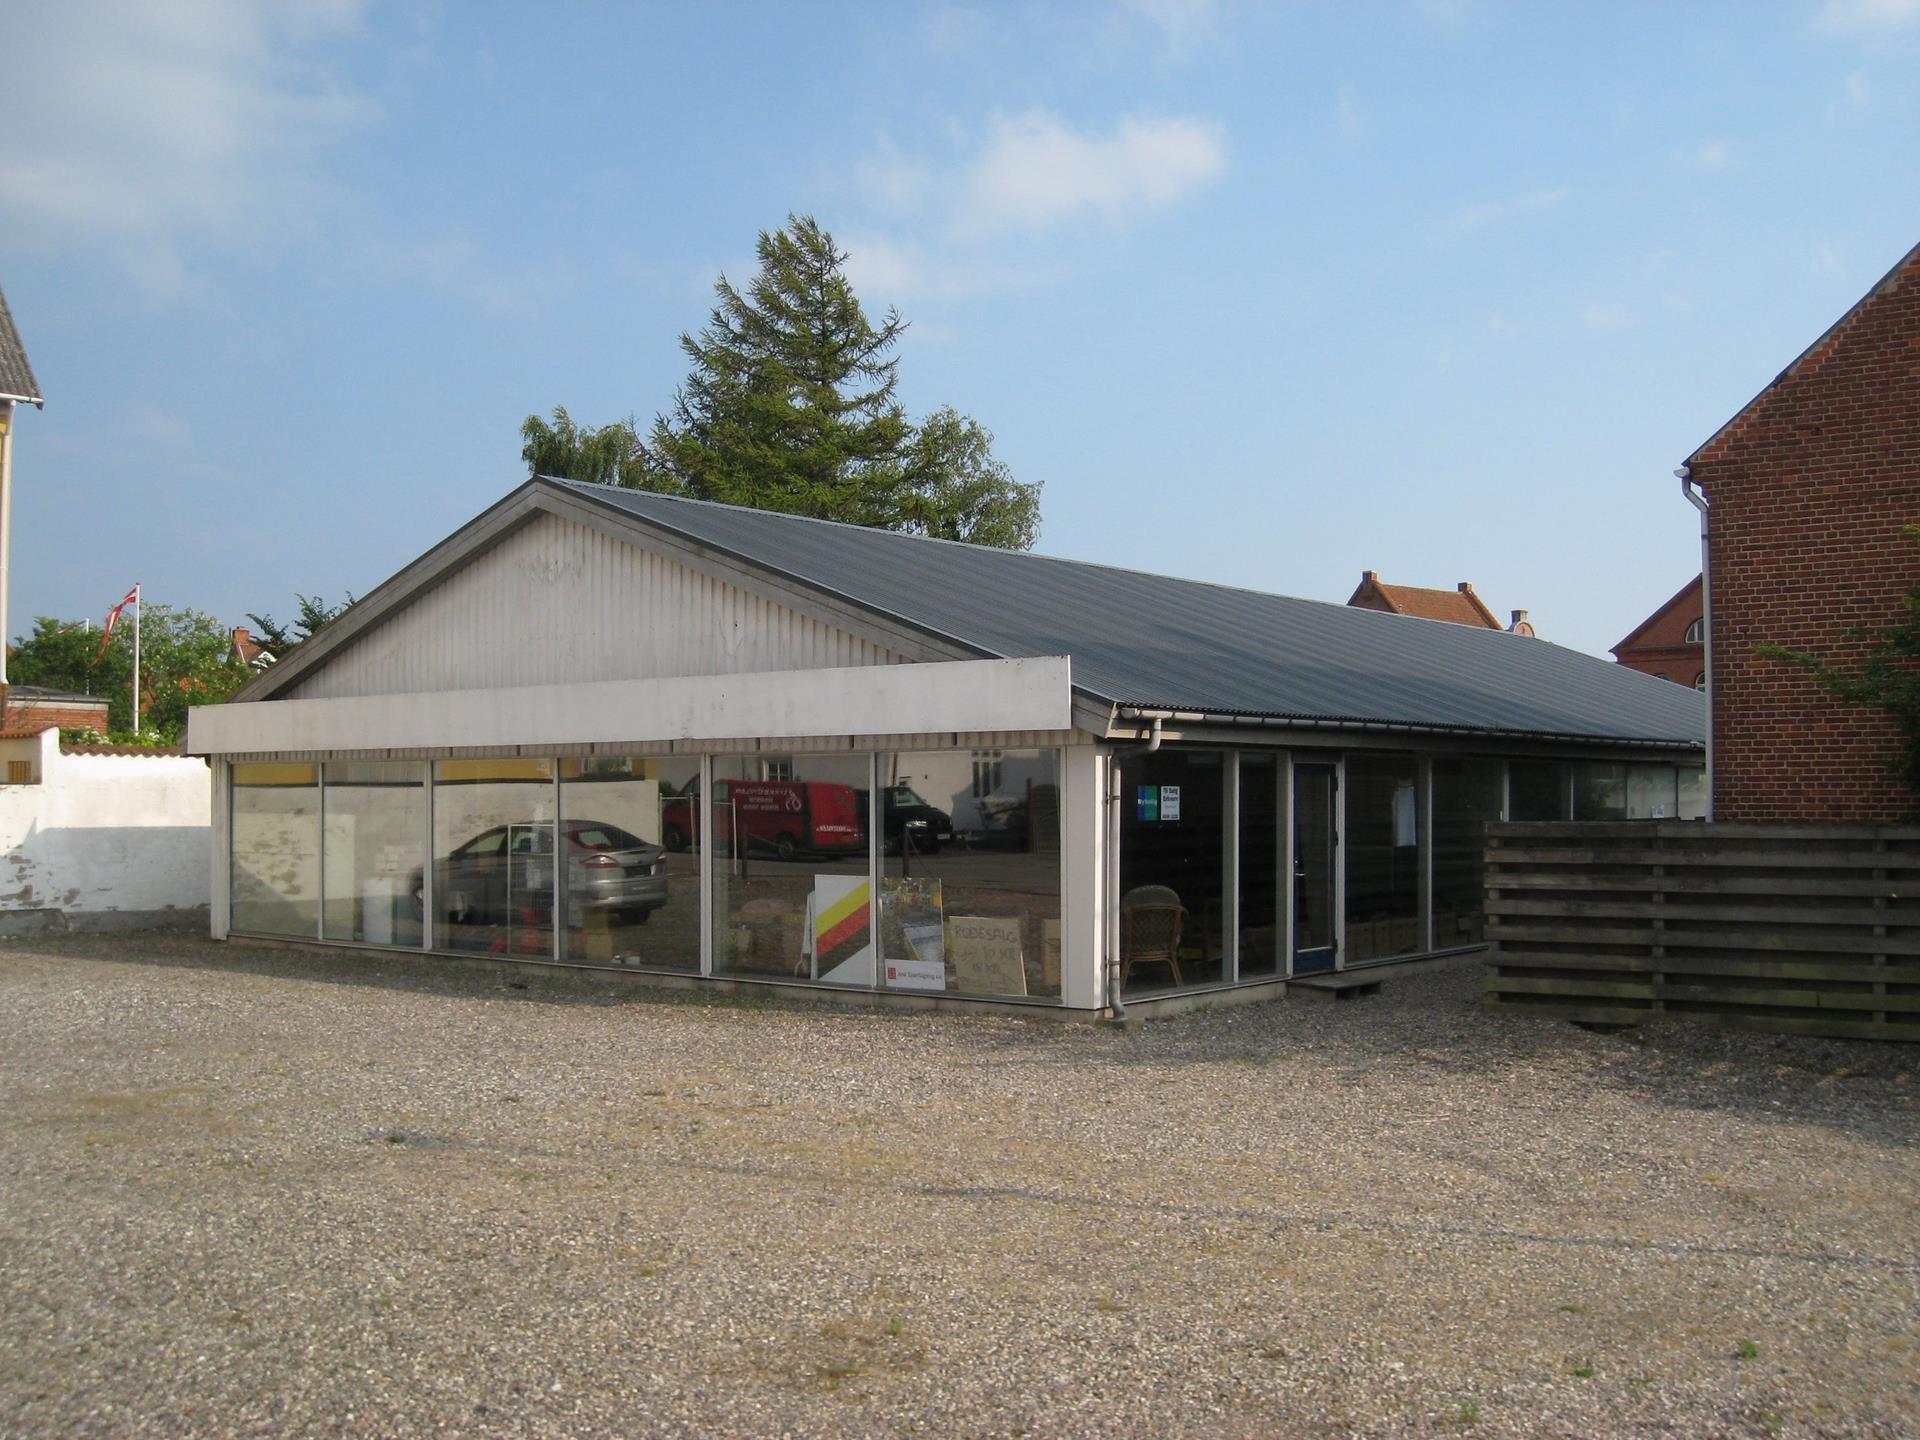 Bolig/erhverv på Aarsleffsgade i Vordingborg - Ejendommen